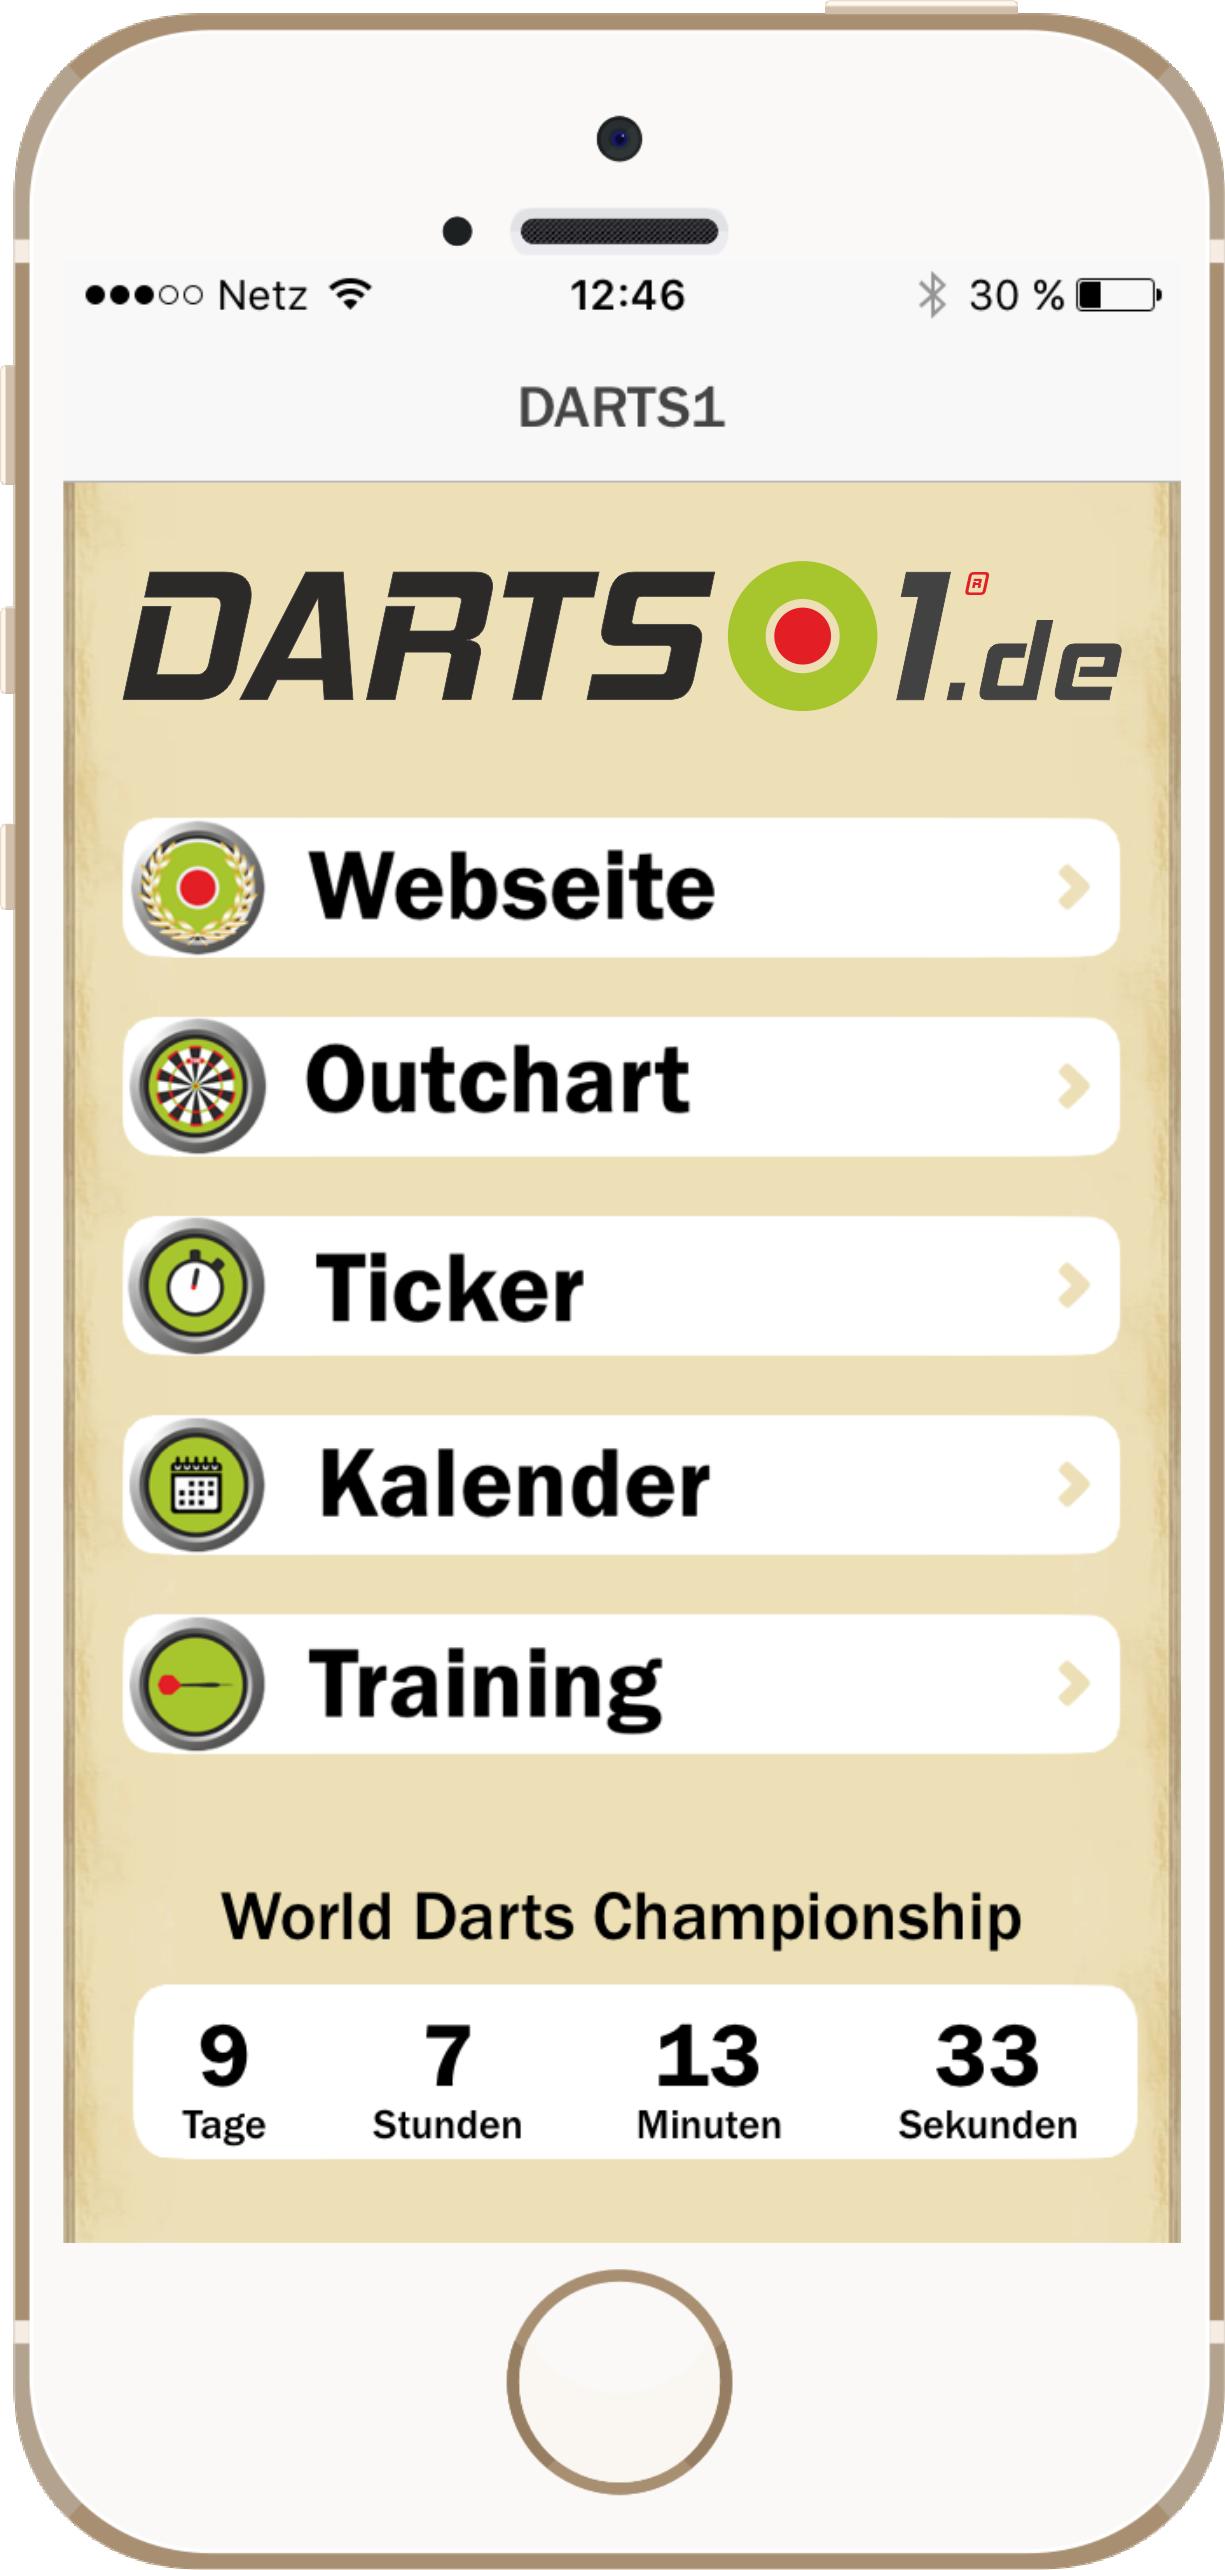 Darts1.de App